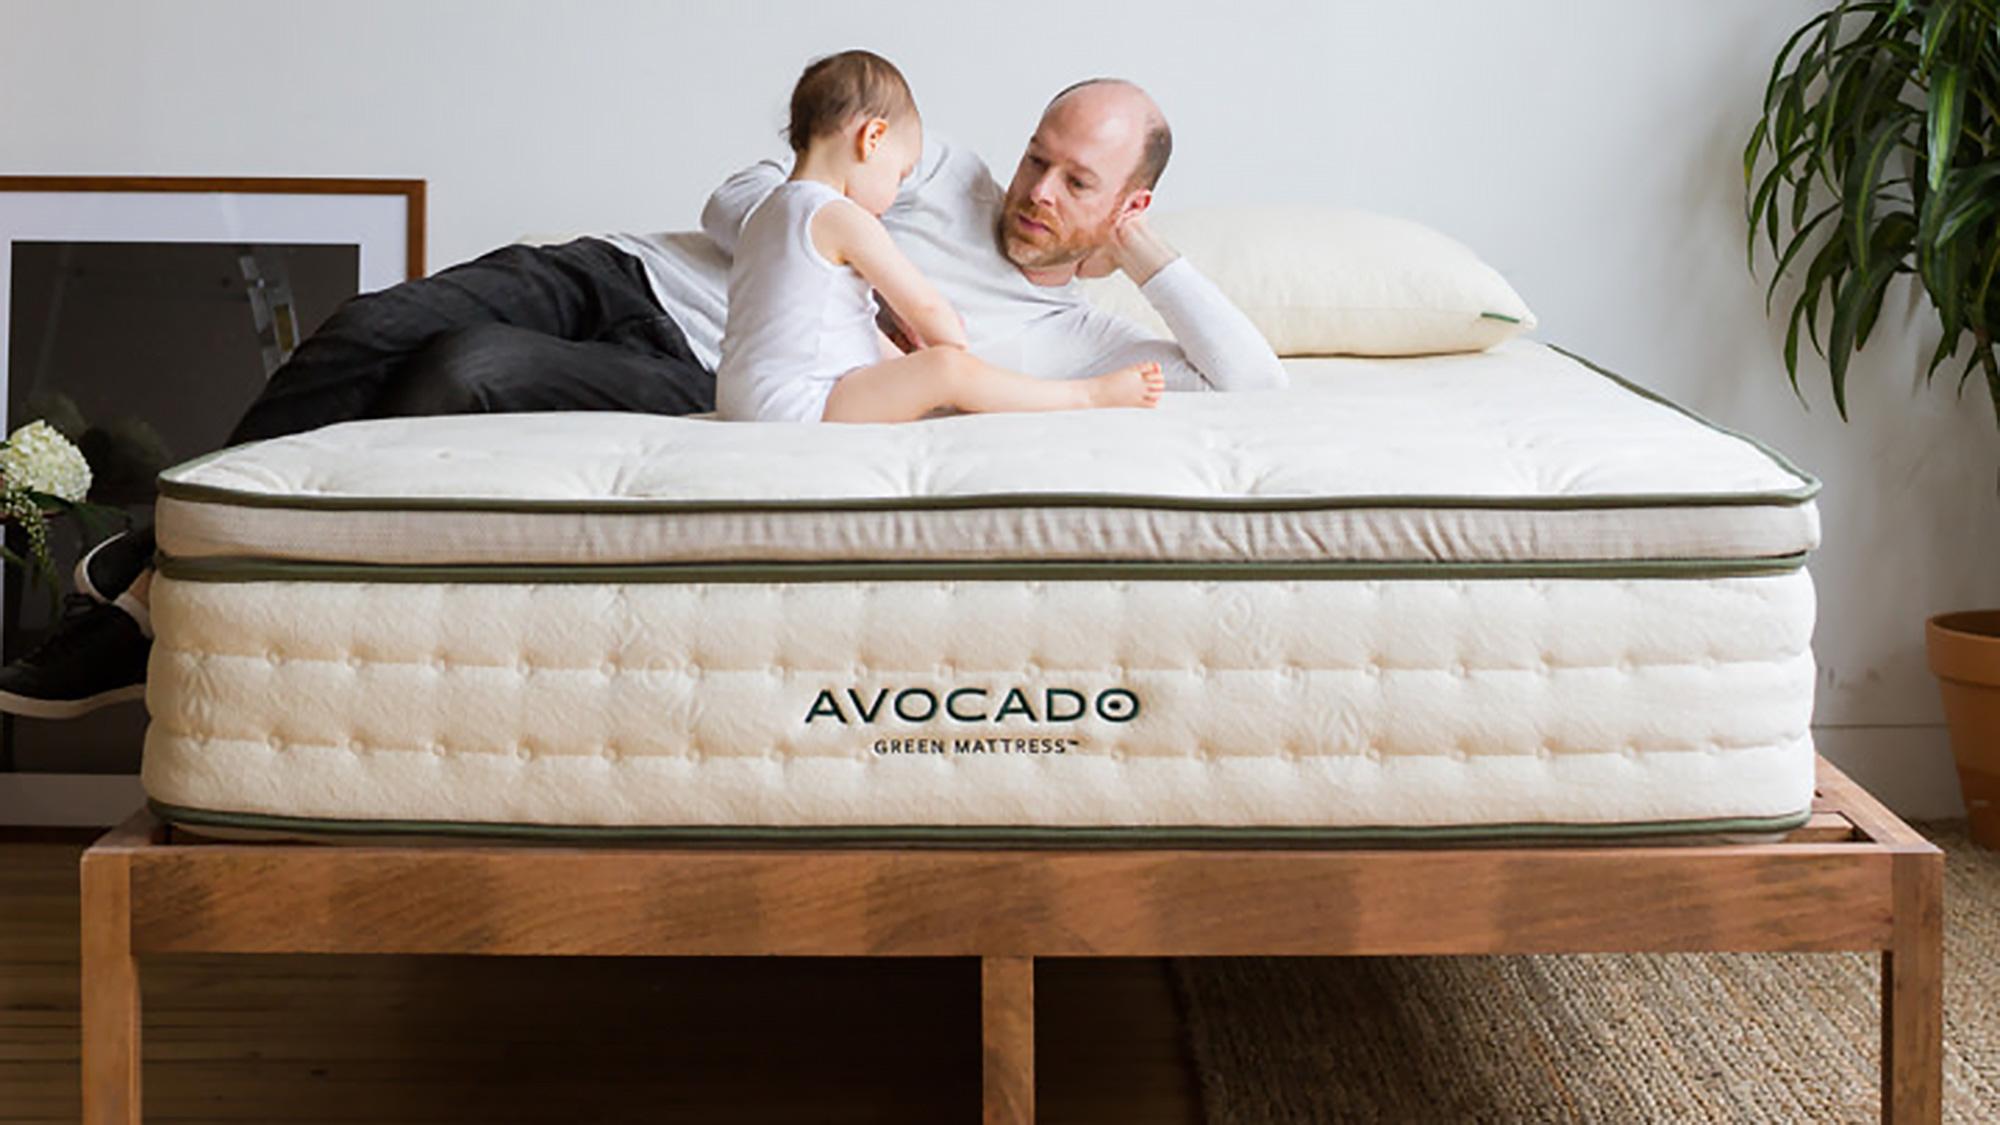 best mattress: Avocado Green Mattress